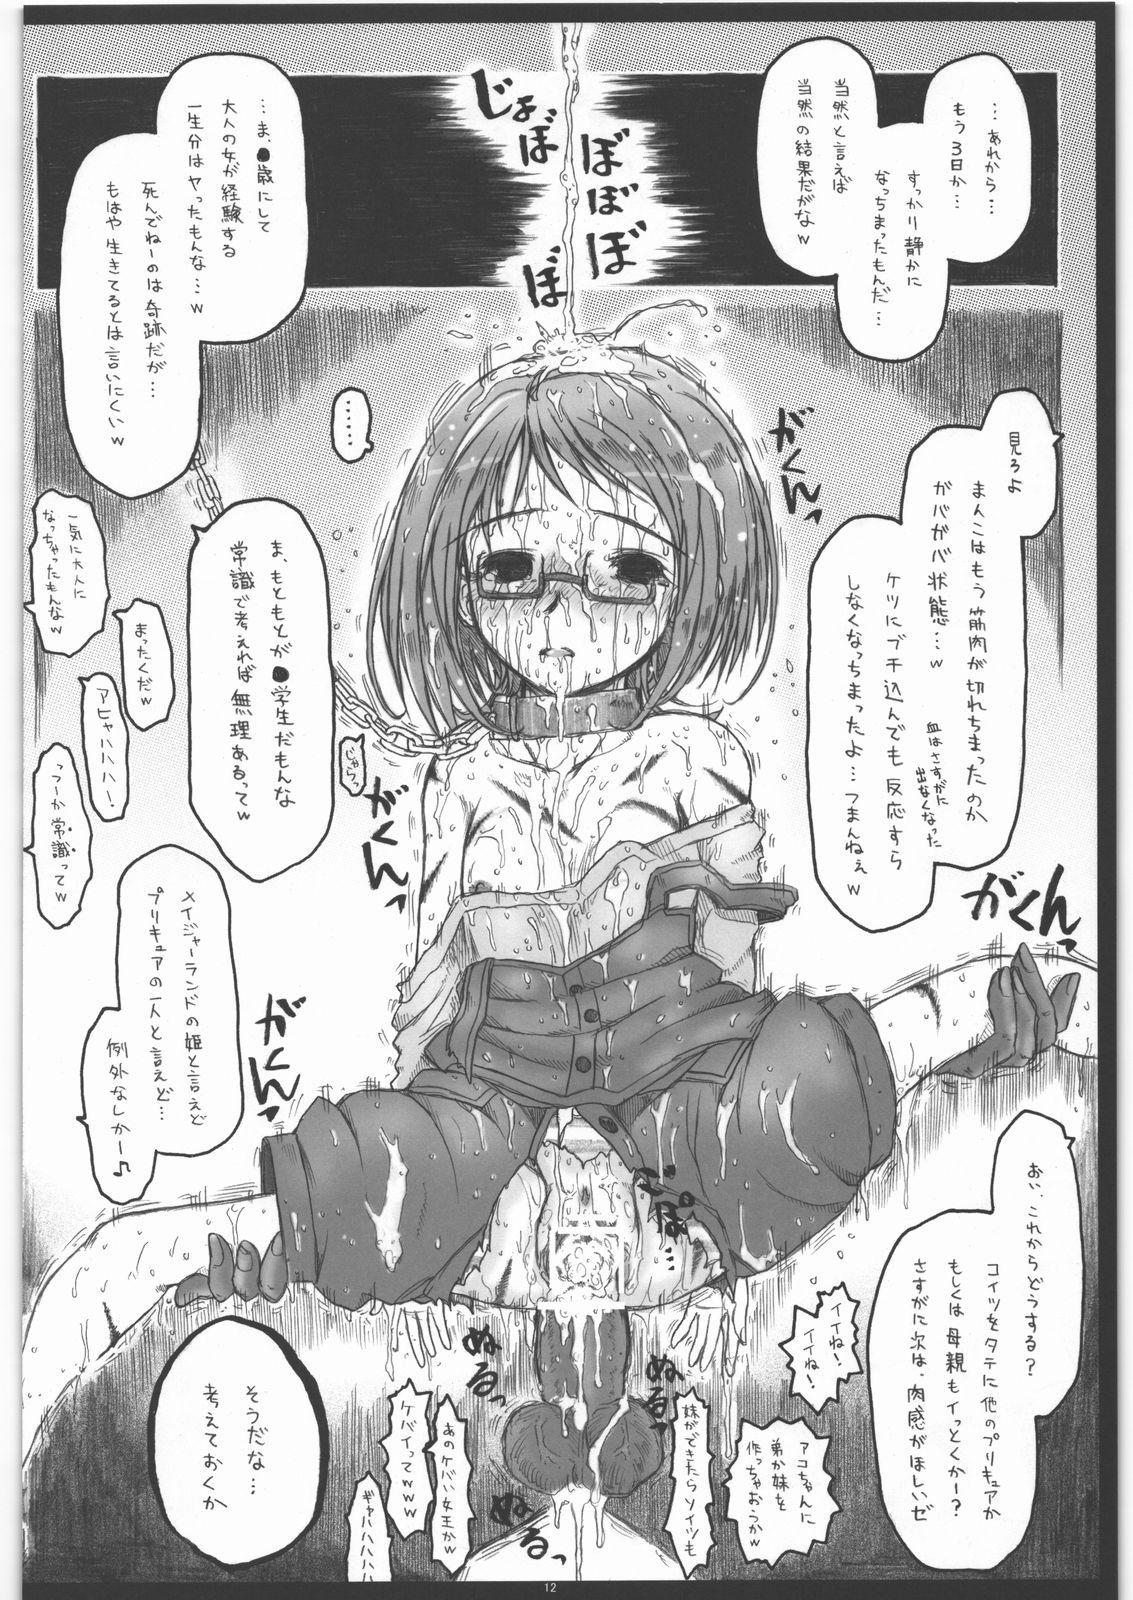 Tsumabiita no wa Megami no Shirabe ni Arazu 10